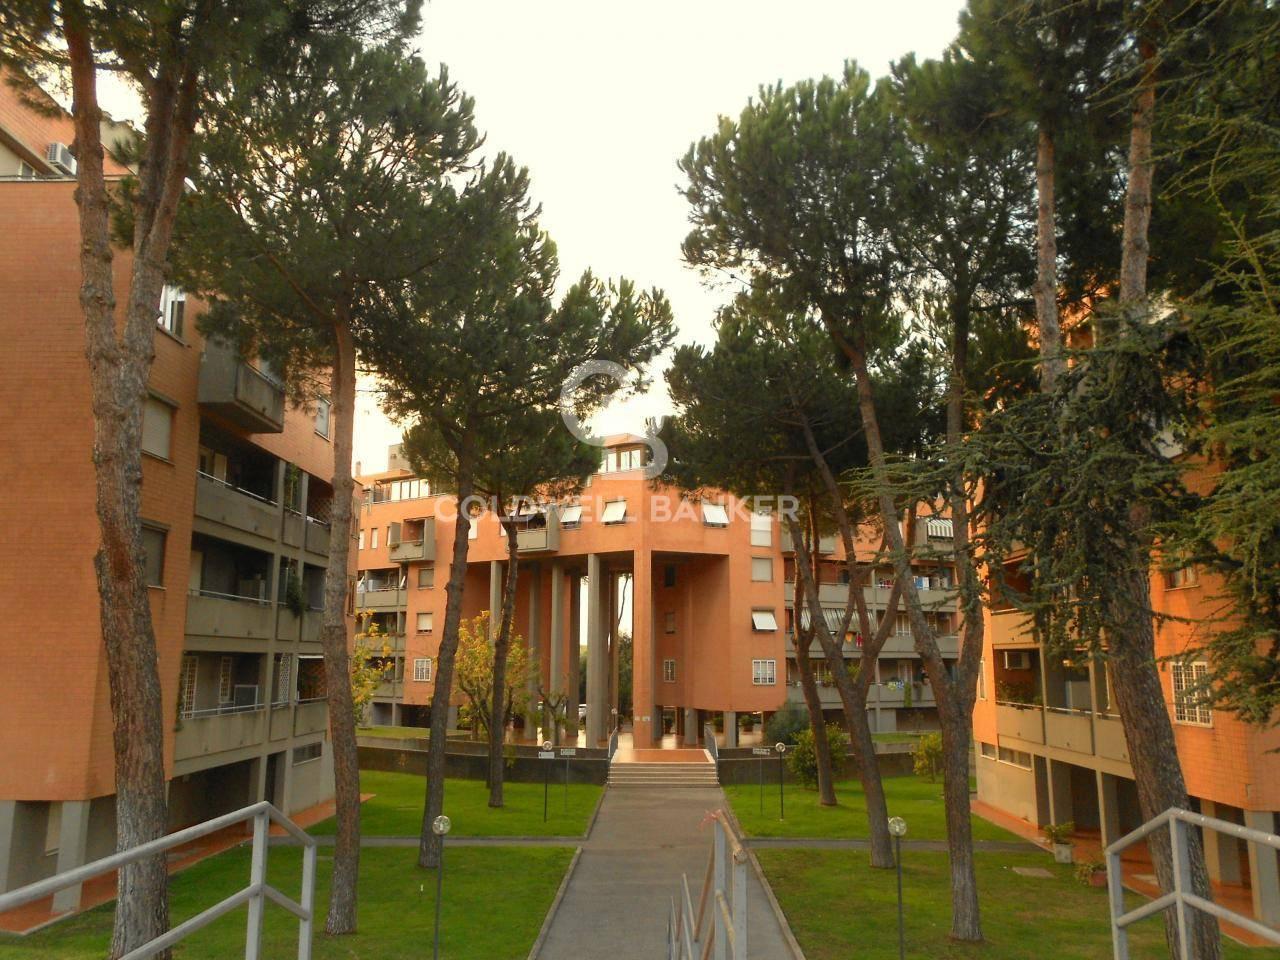 Appartamento in vendita a Roma, 3 locali, zona Zona: 28 . Torrevecchia - Pineta Sacchetti - Ottavia, prezzo € 195.000 | CambioCasa.it